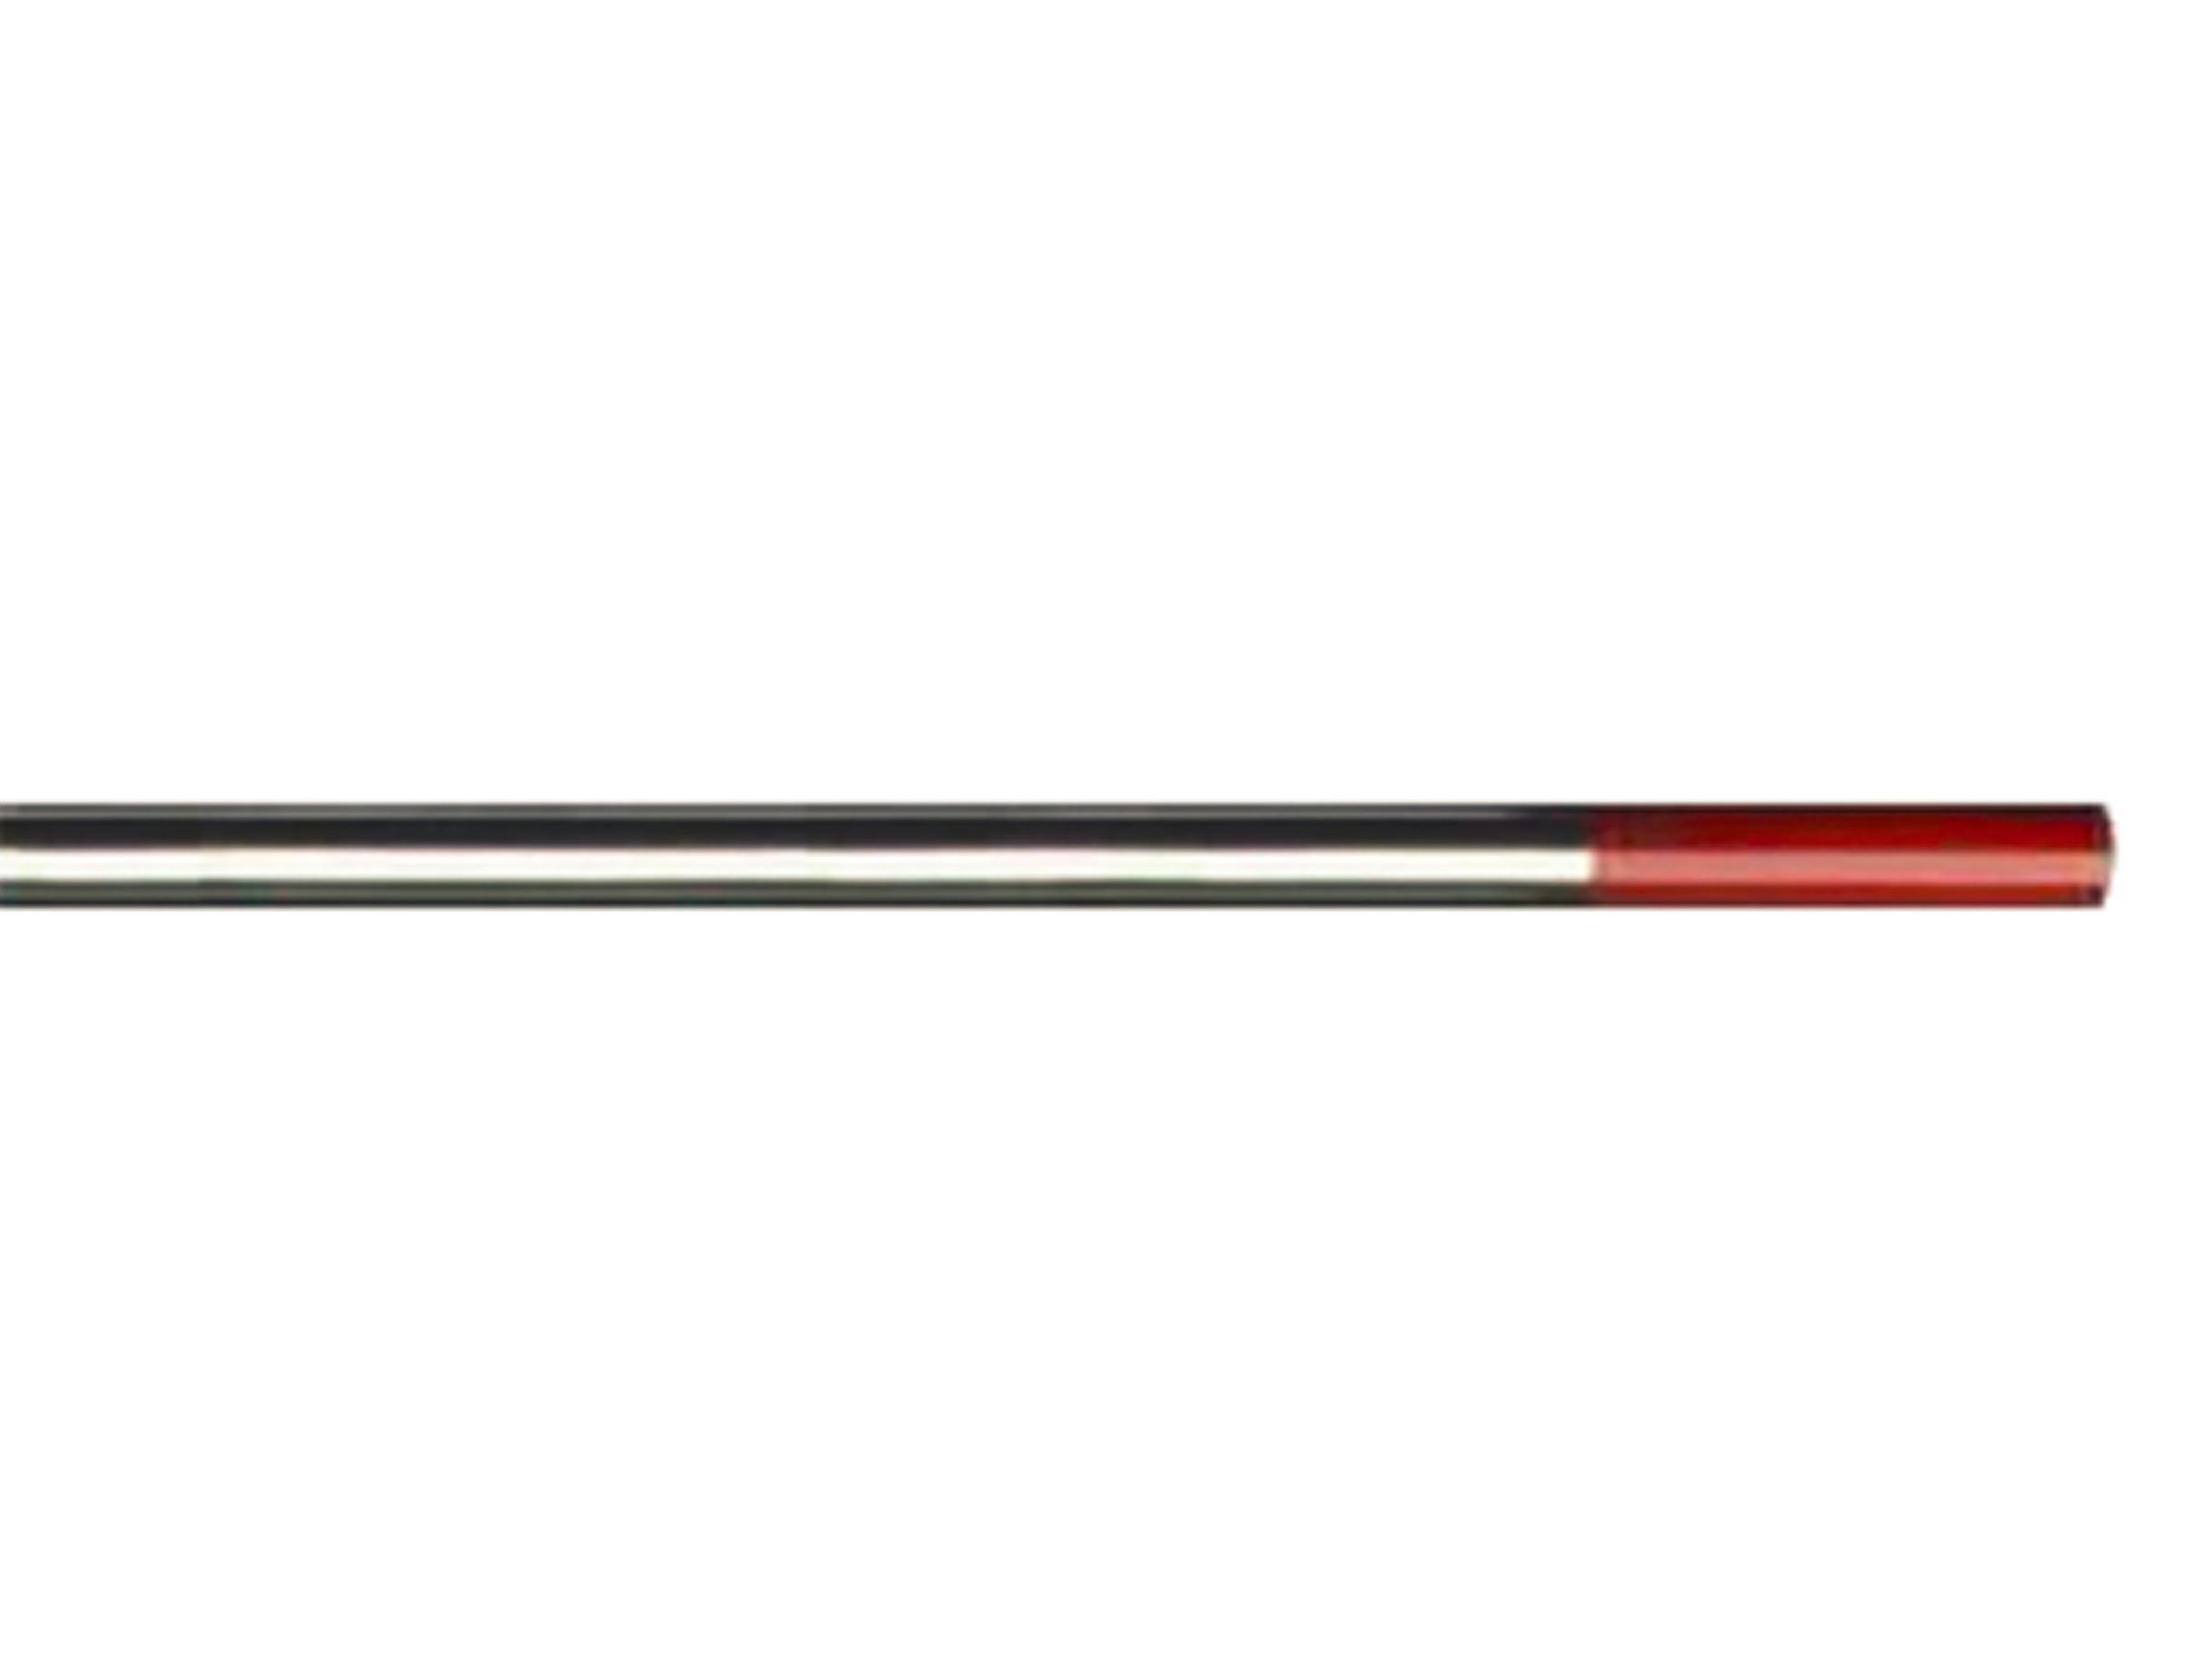 Купить Электроды для сварки Gce Wt-20 (400p224175sb)